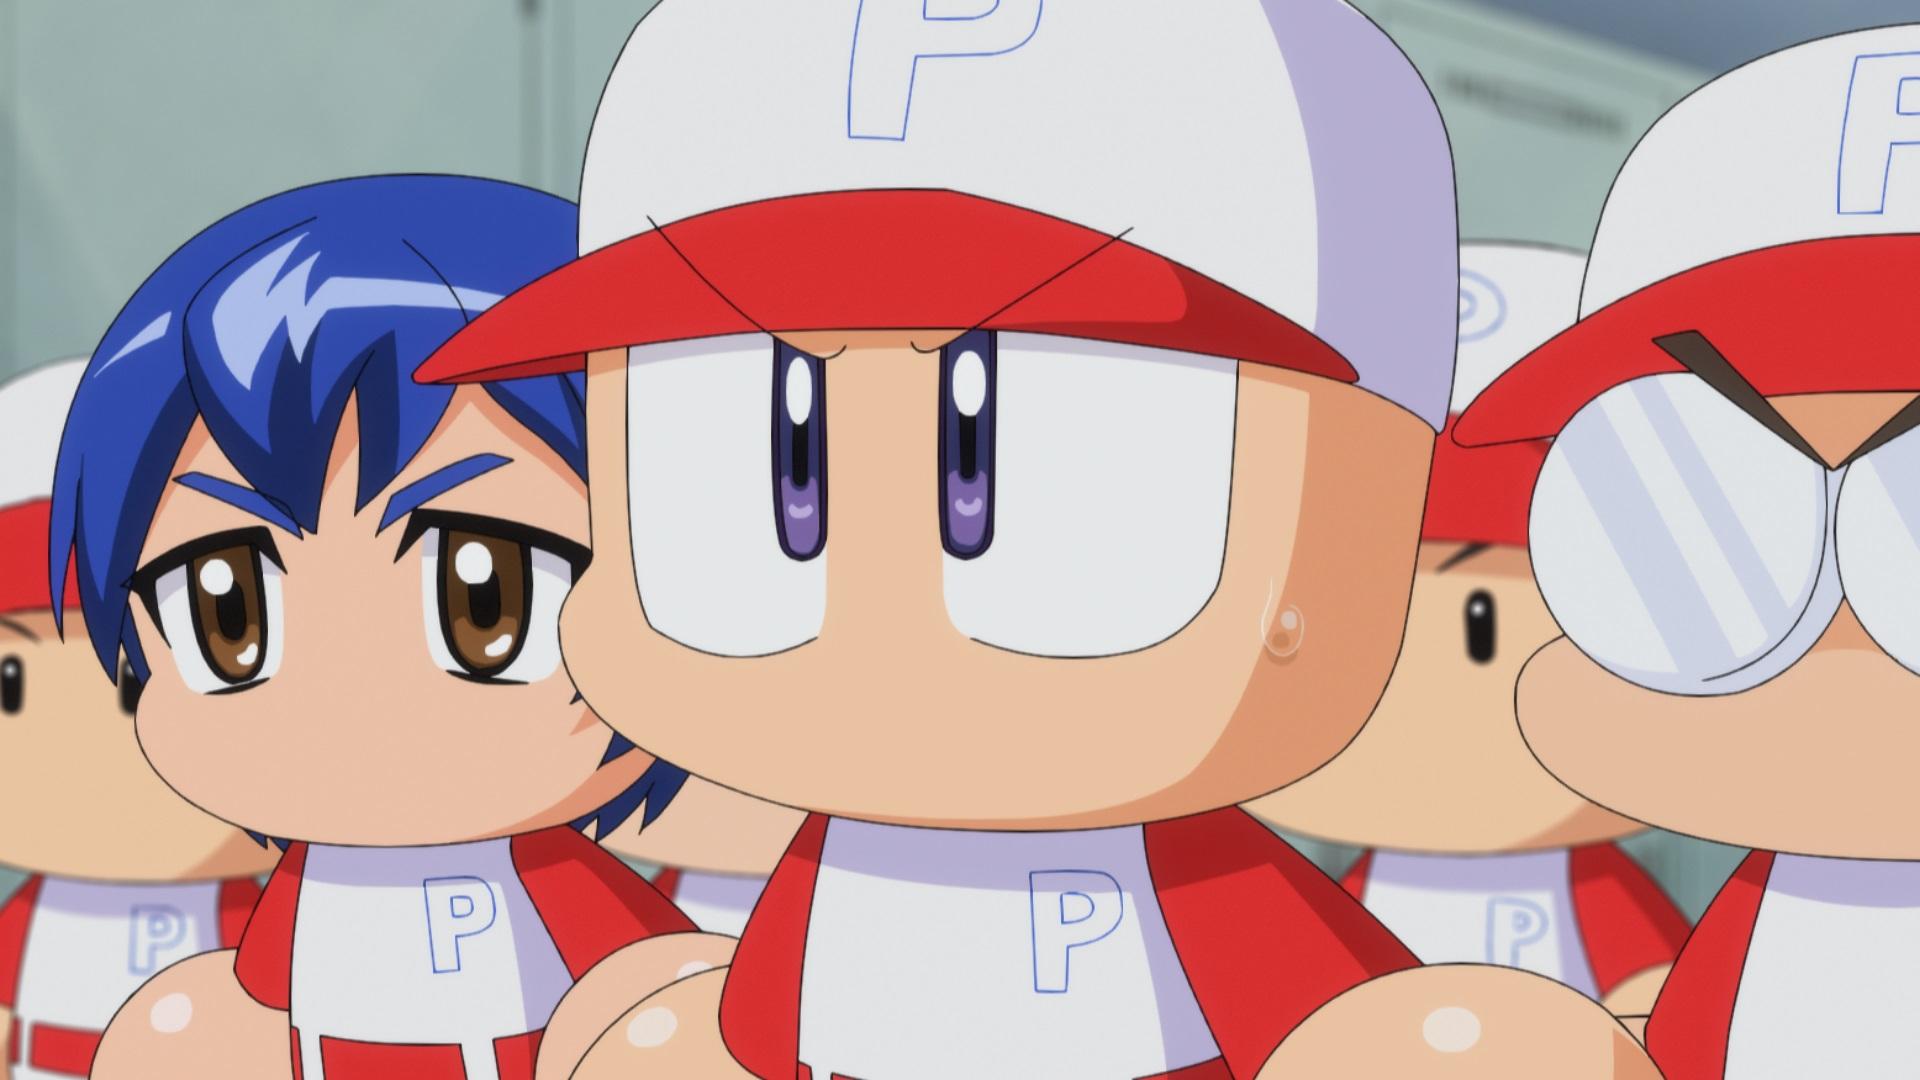 野球愛×友情×青春の3拍子が揃った胸熱ストーリーがやばい! 人気ゲームをWEBアニメ化した「パワフルプロ野球 パワフル高校編」先行試写会をレポート